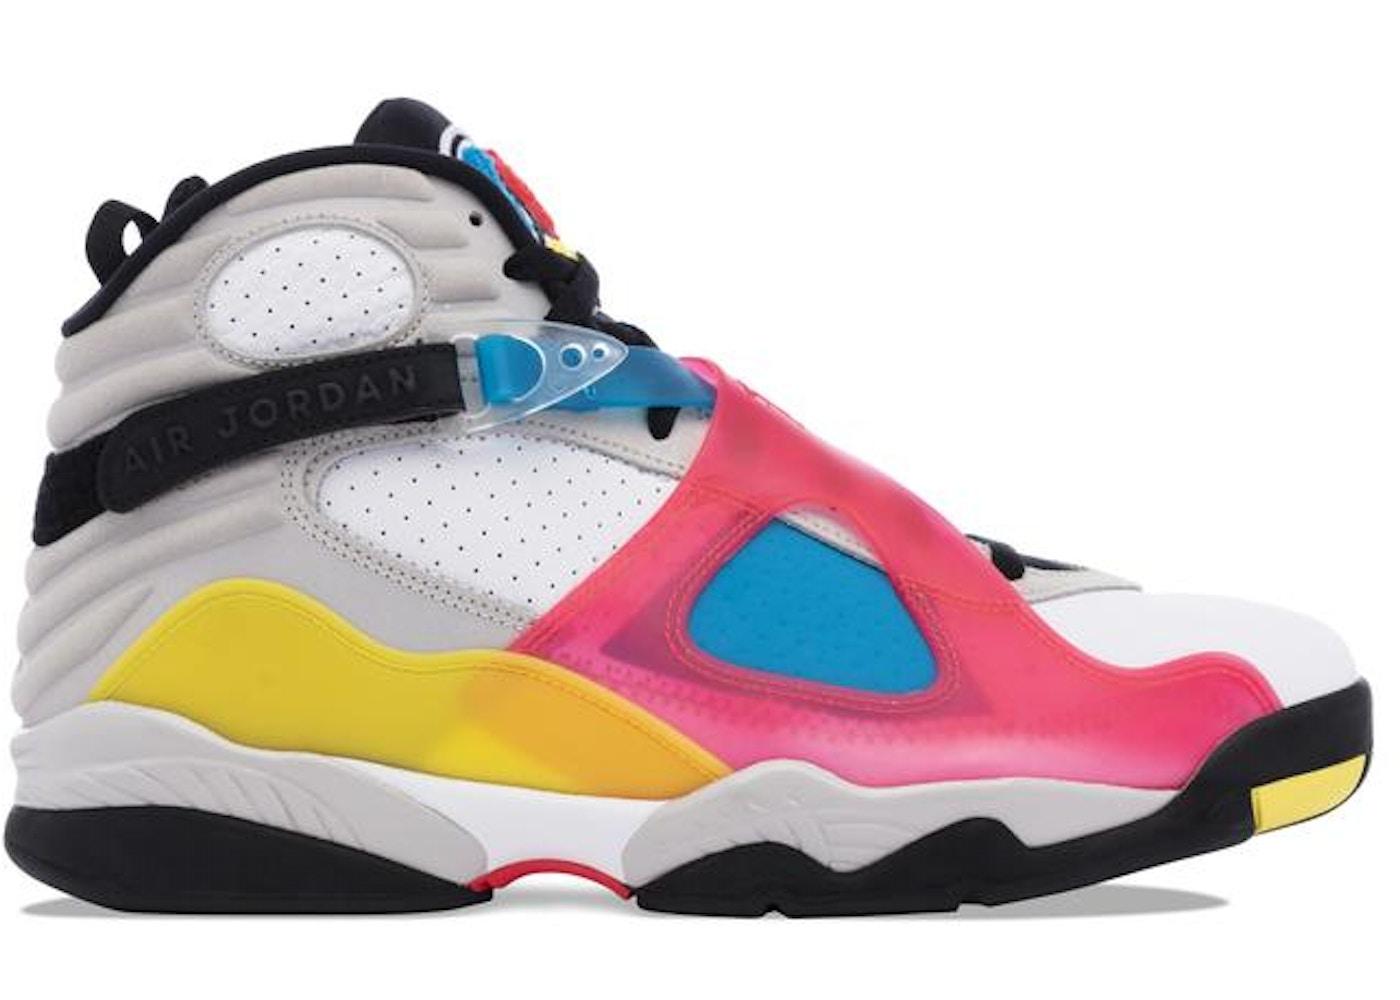 los angeles 2626a d7ead Buy Air Jordan 8 Shoes & Deadstock Sneakers